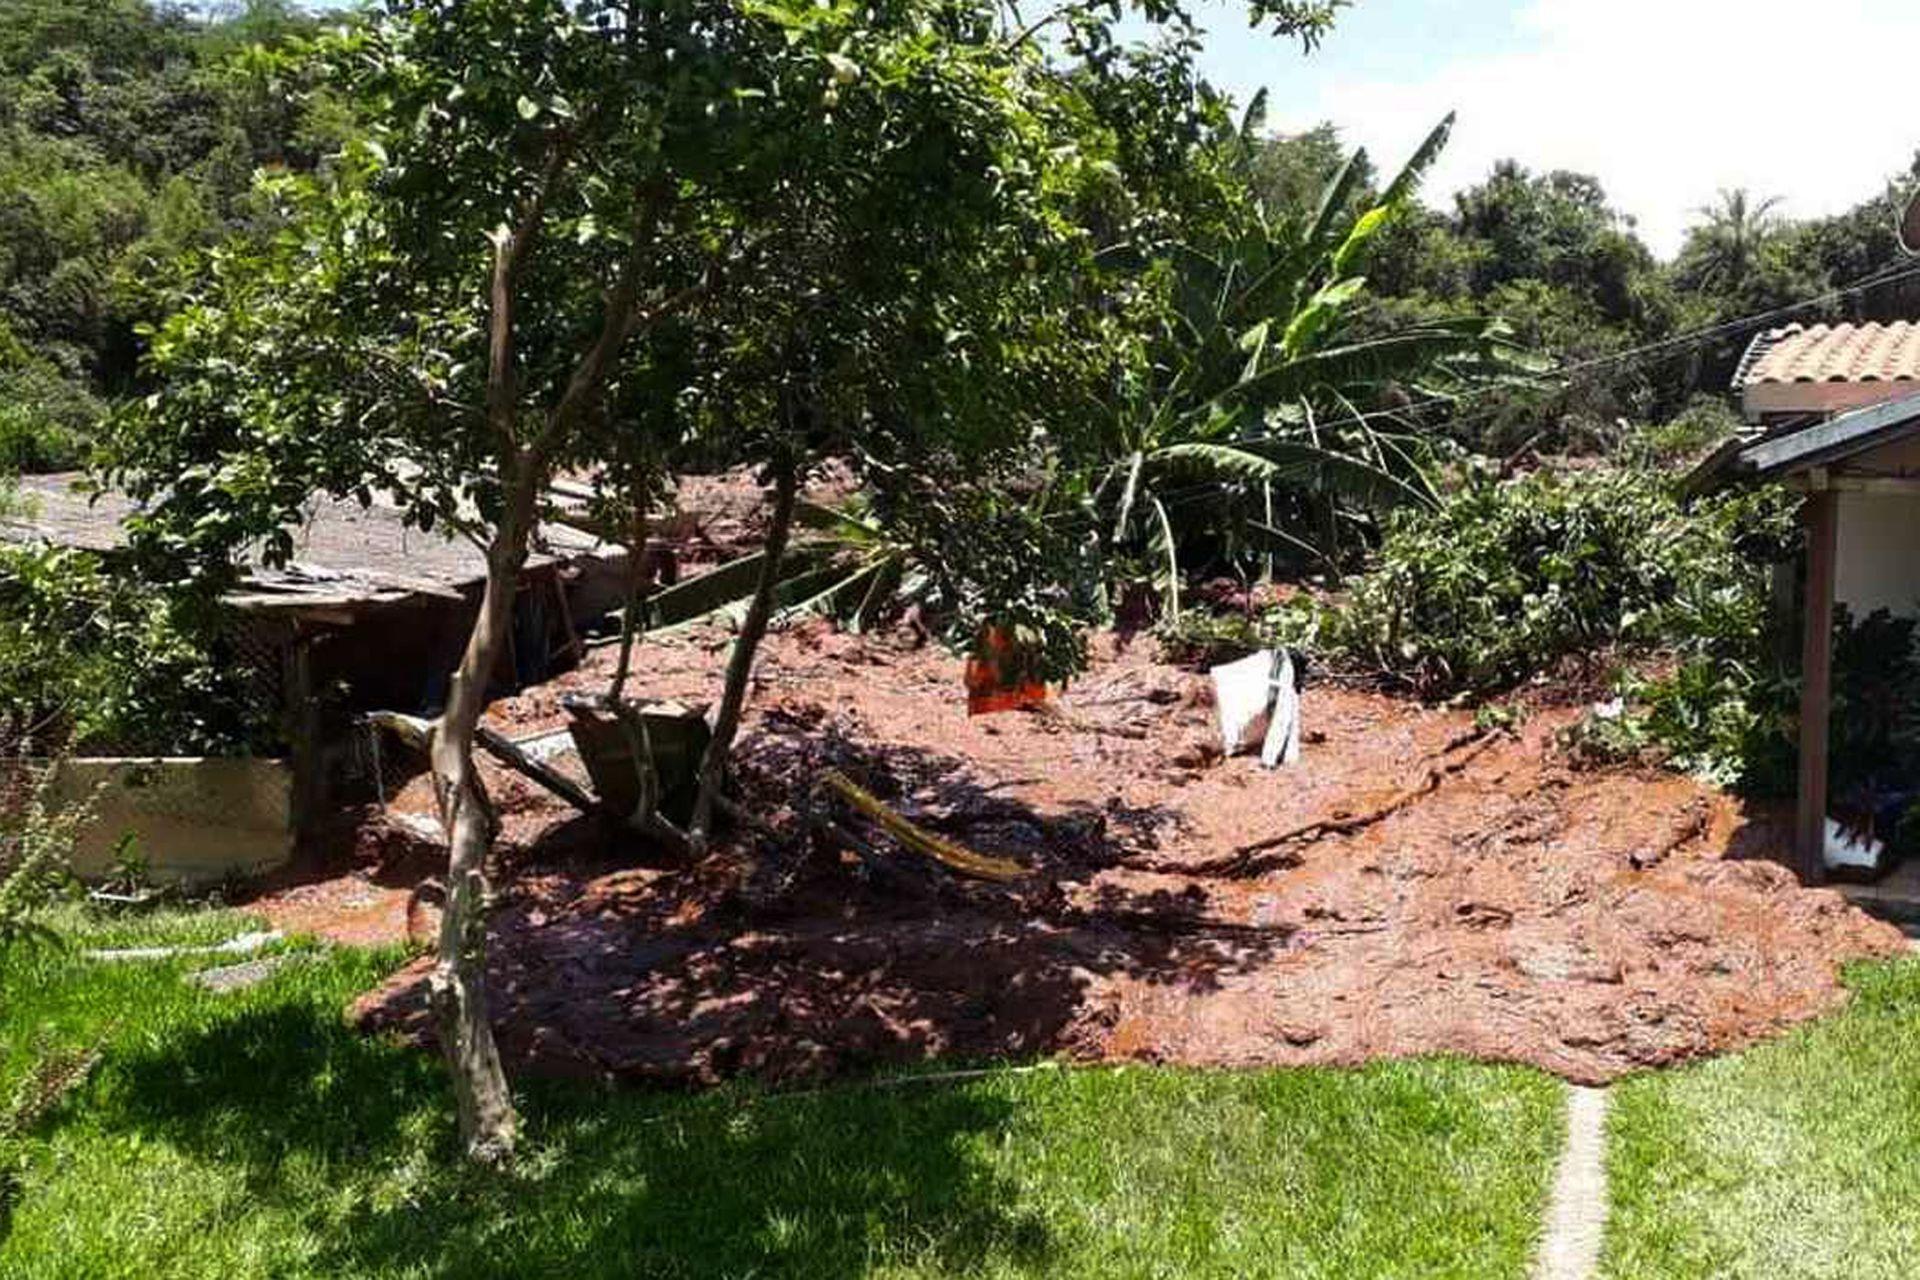 El barro destruyó varias viviendas en la localidad cercana a la mina